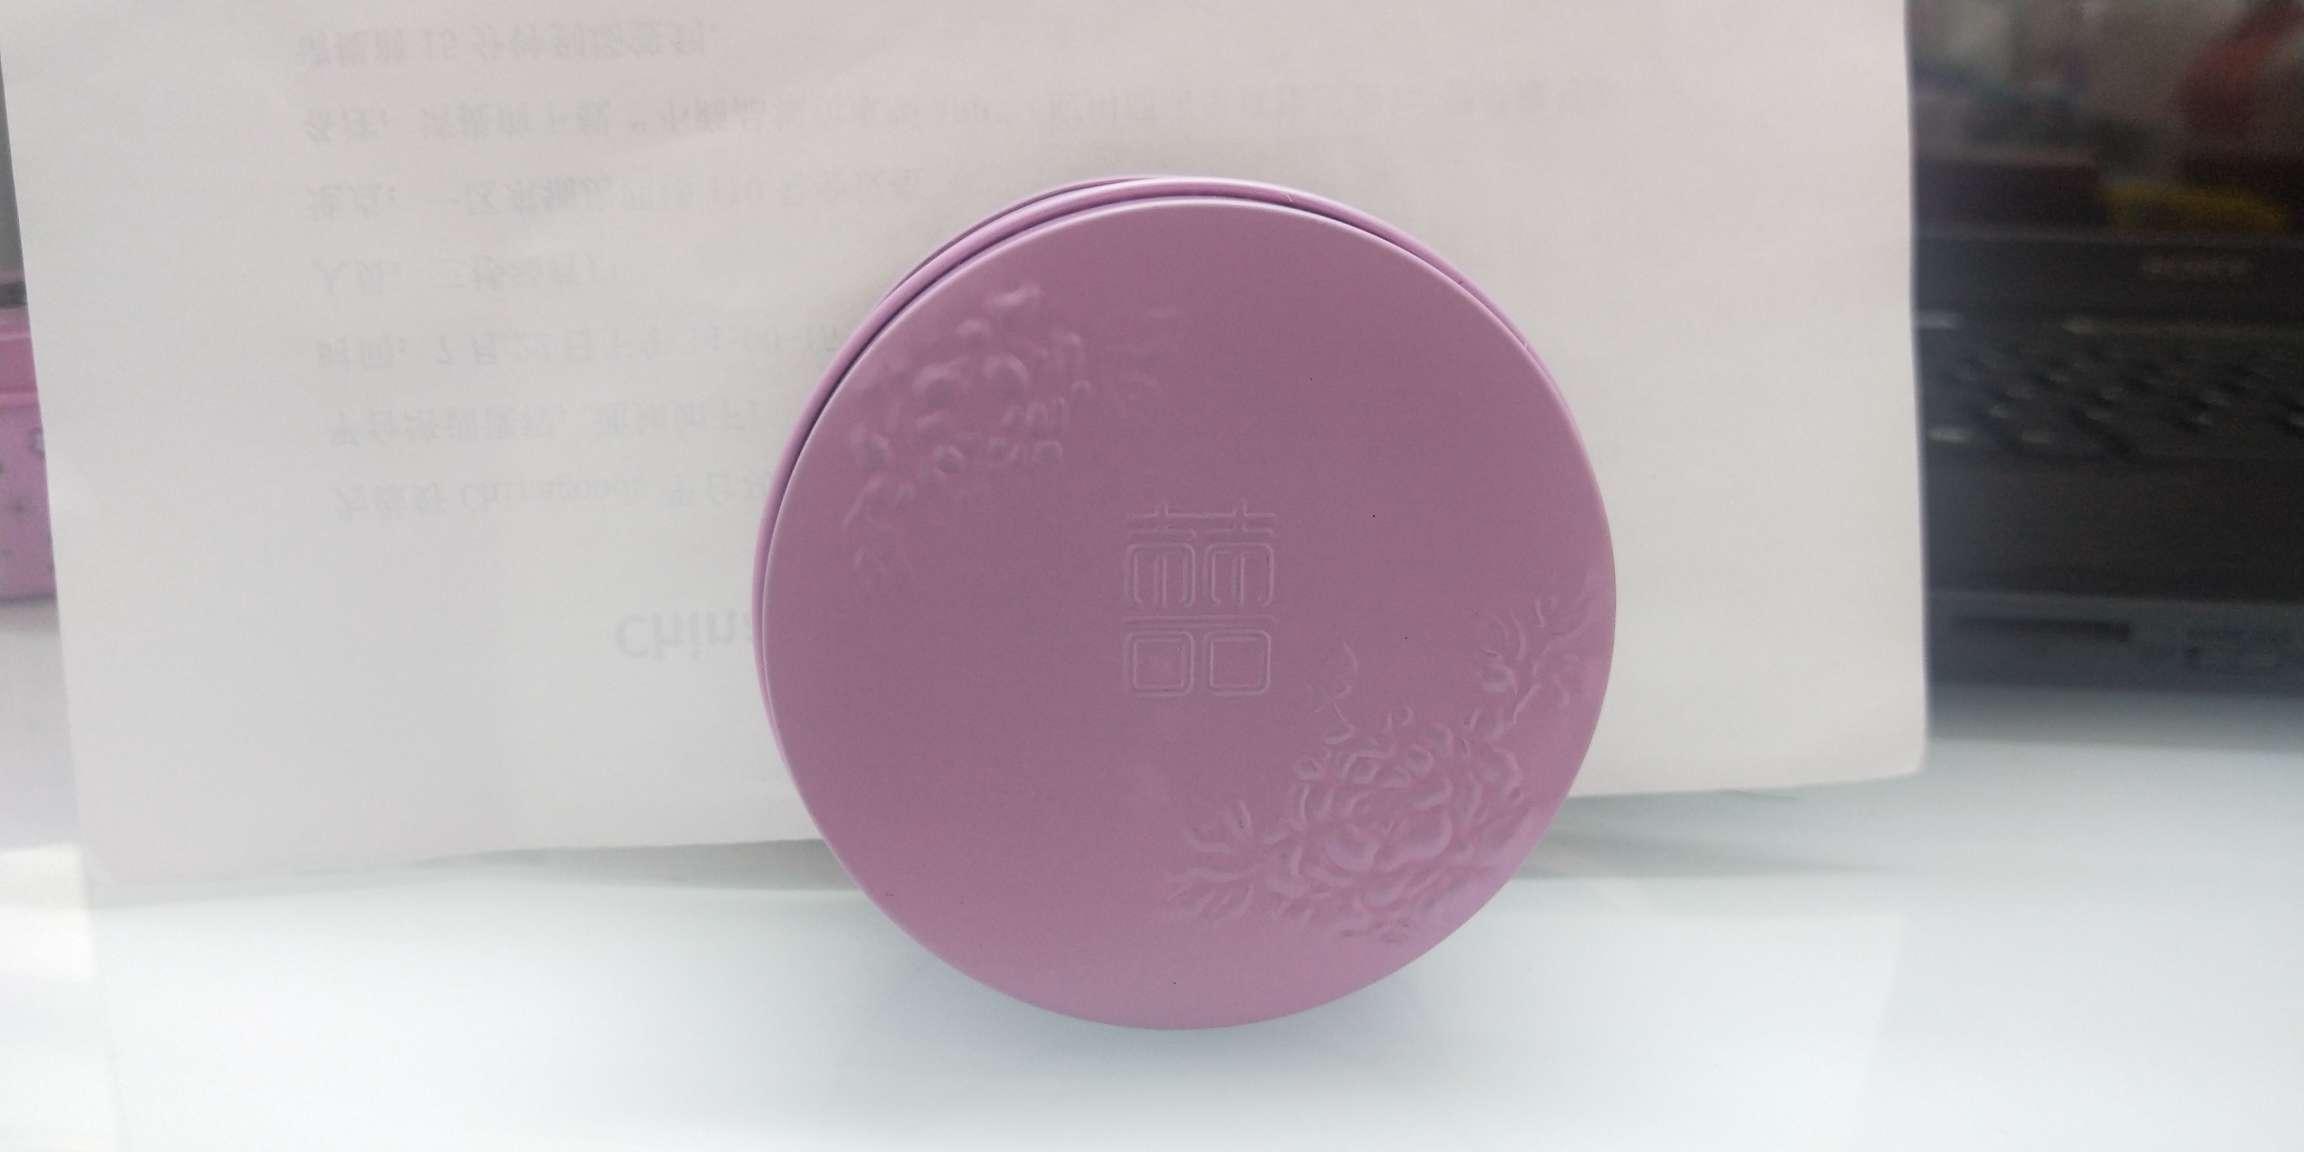 8*8*4.5cm 精美圆形包装铁盒 礼品盒C-06